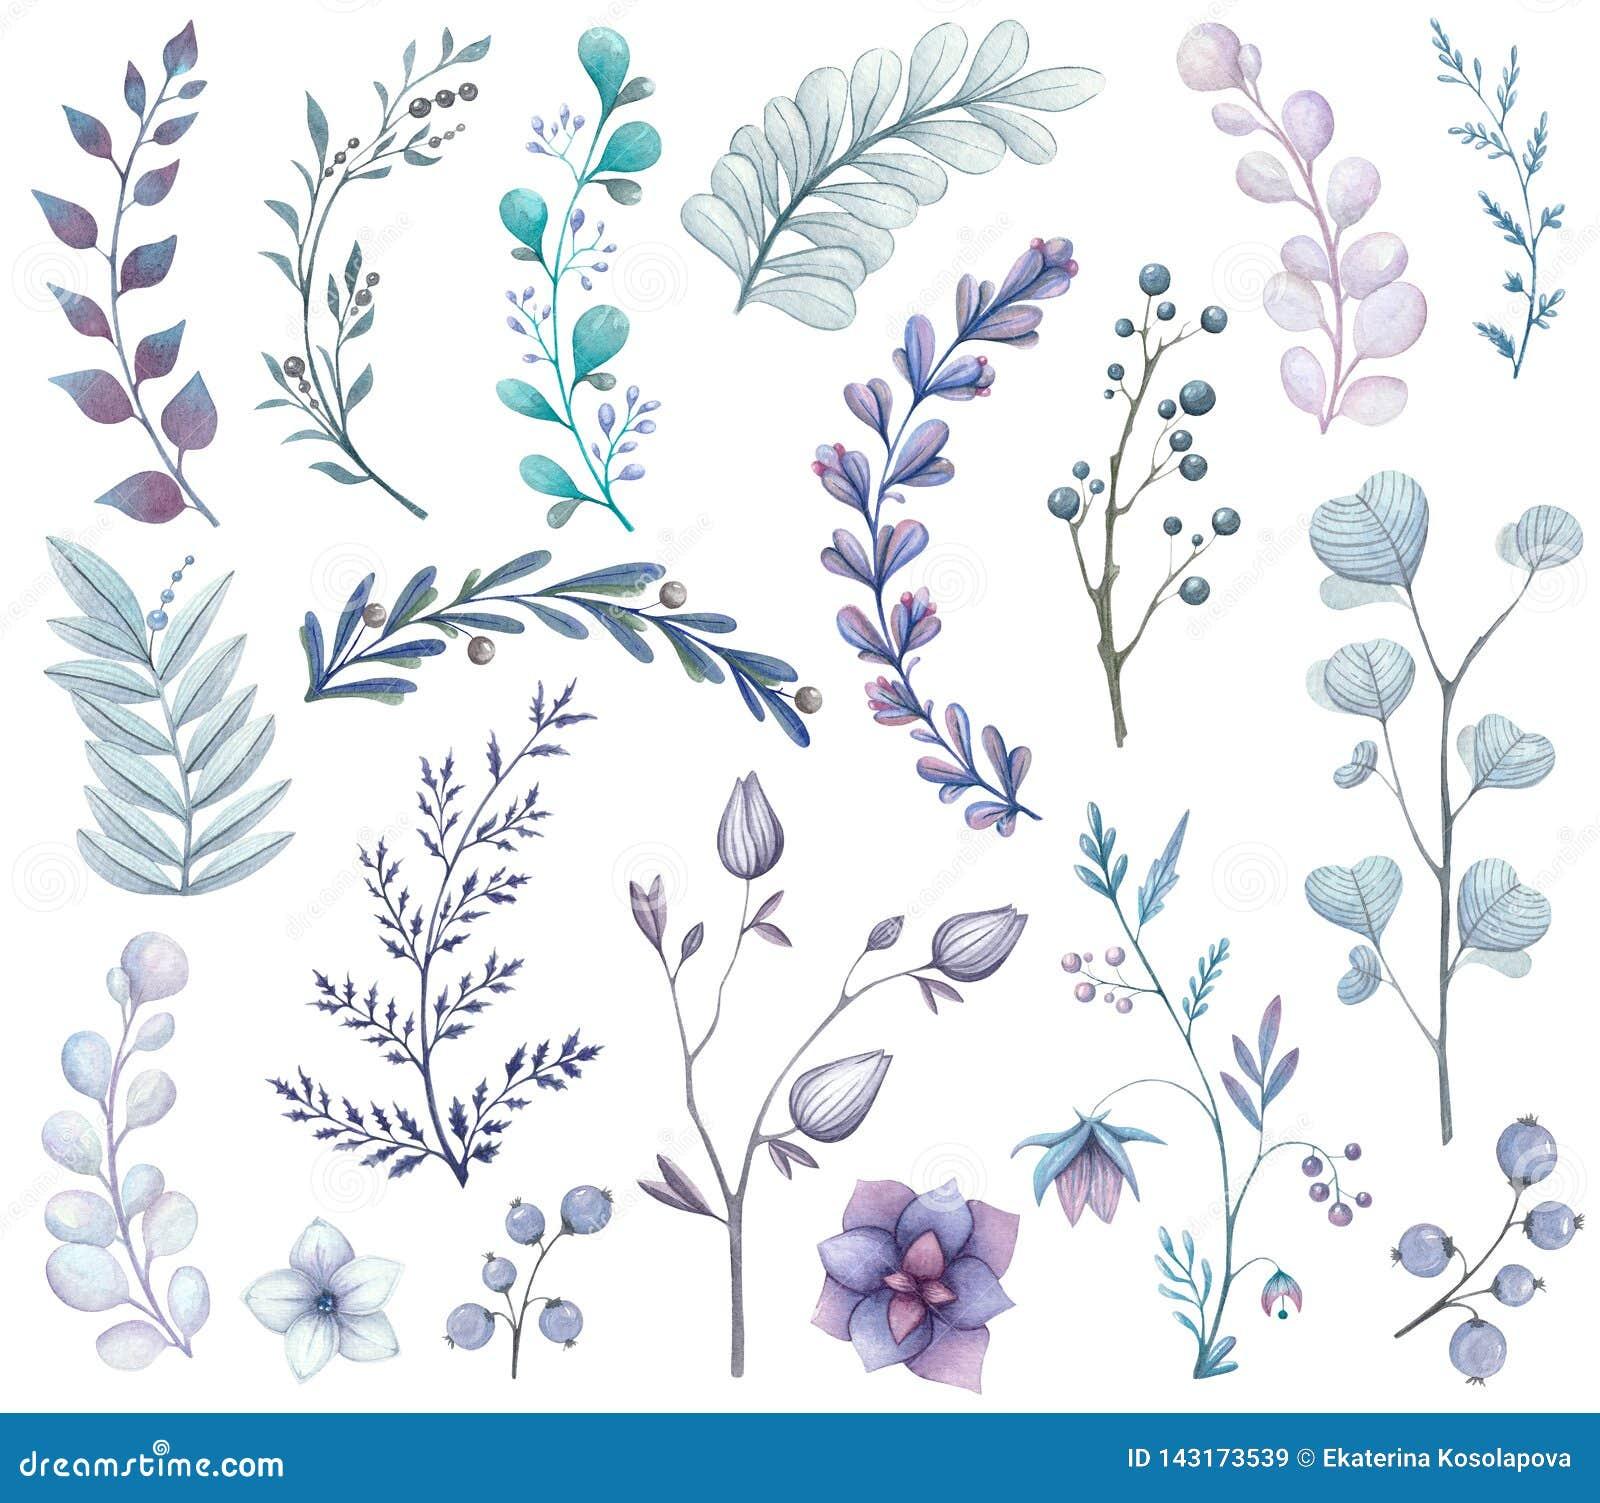 Σύνολο Watercolor κλάδων και φύλλων στους μπλε τόνους